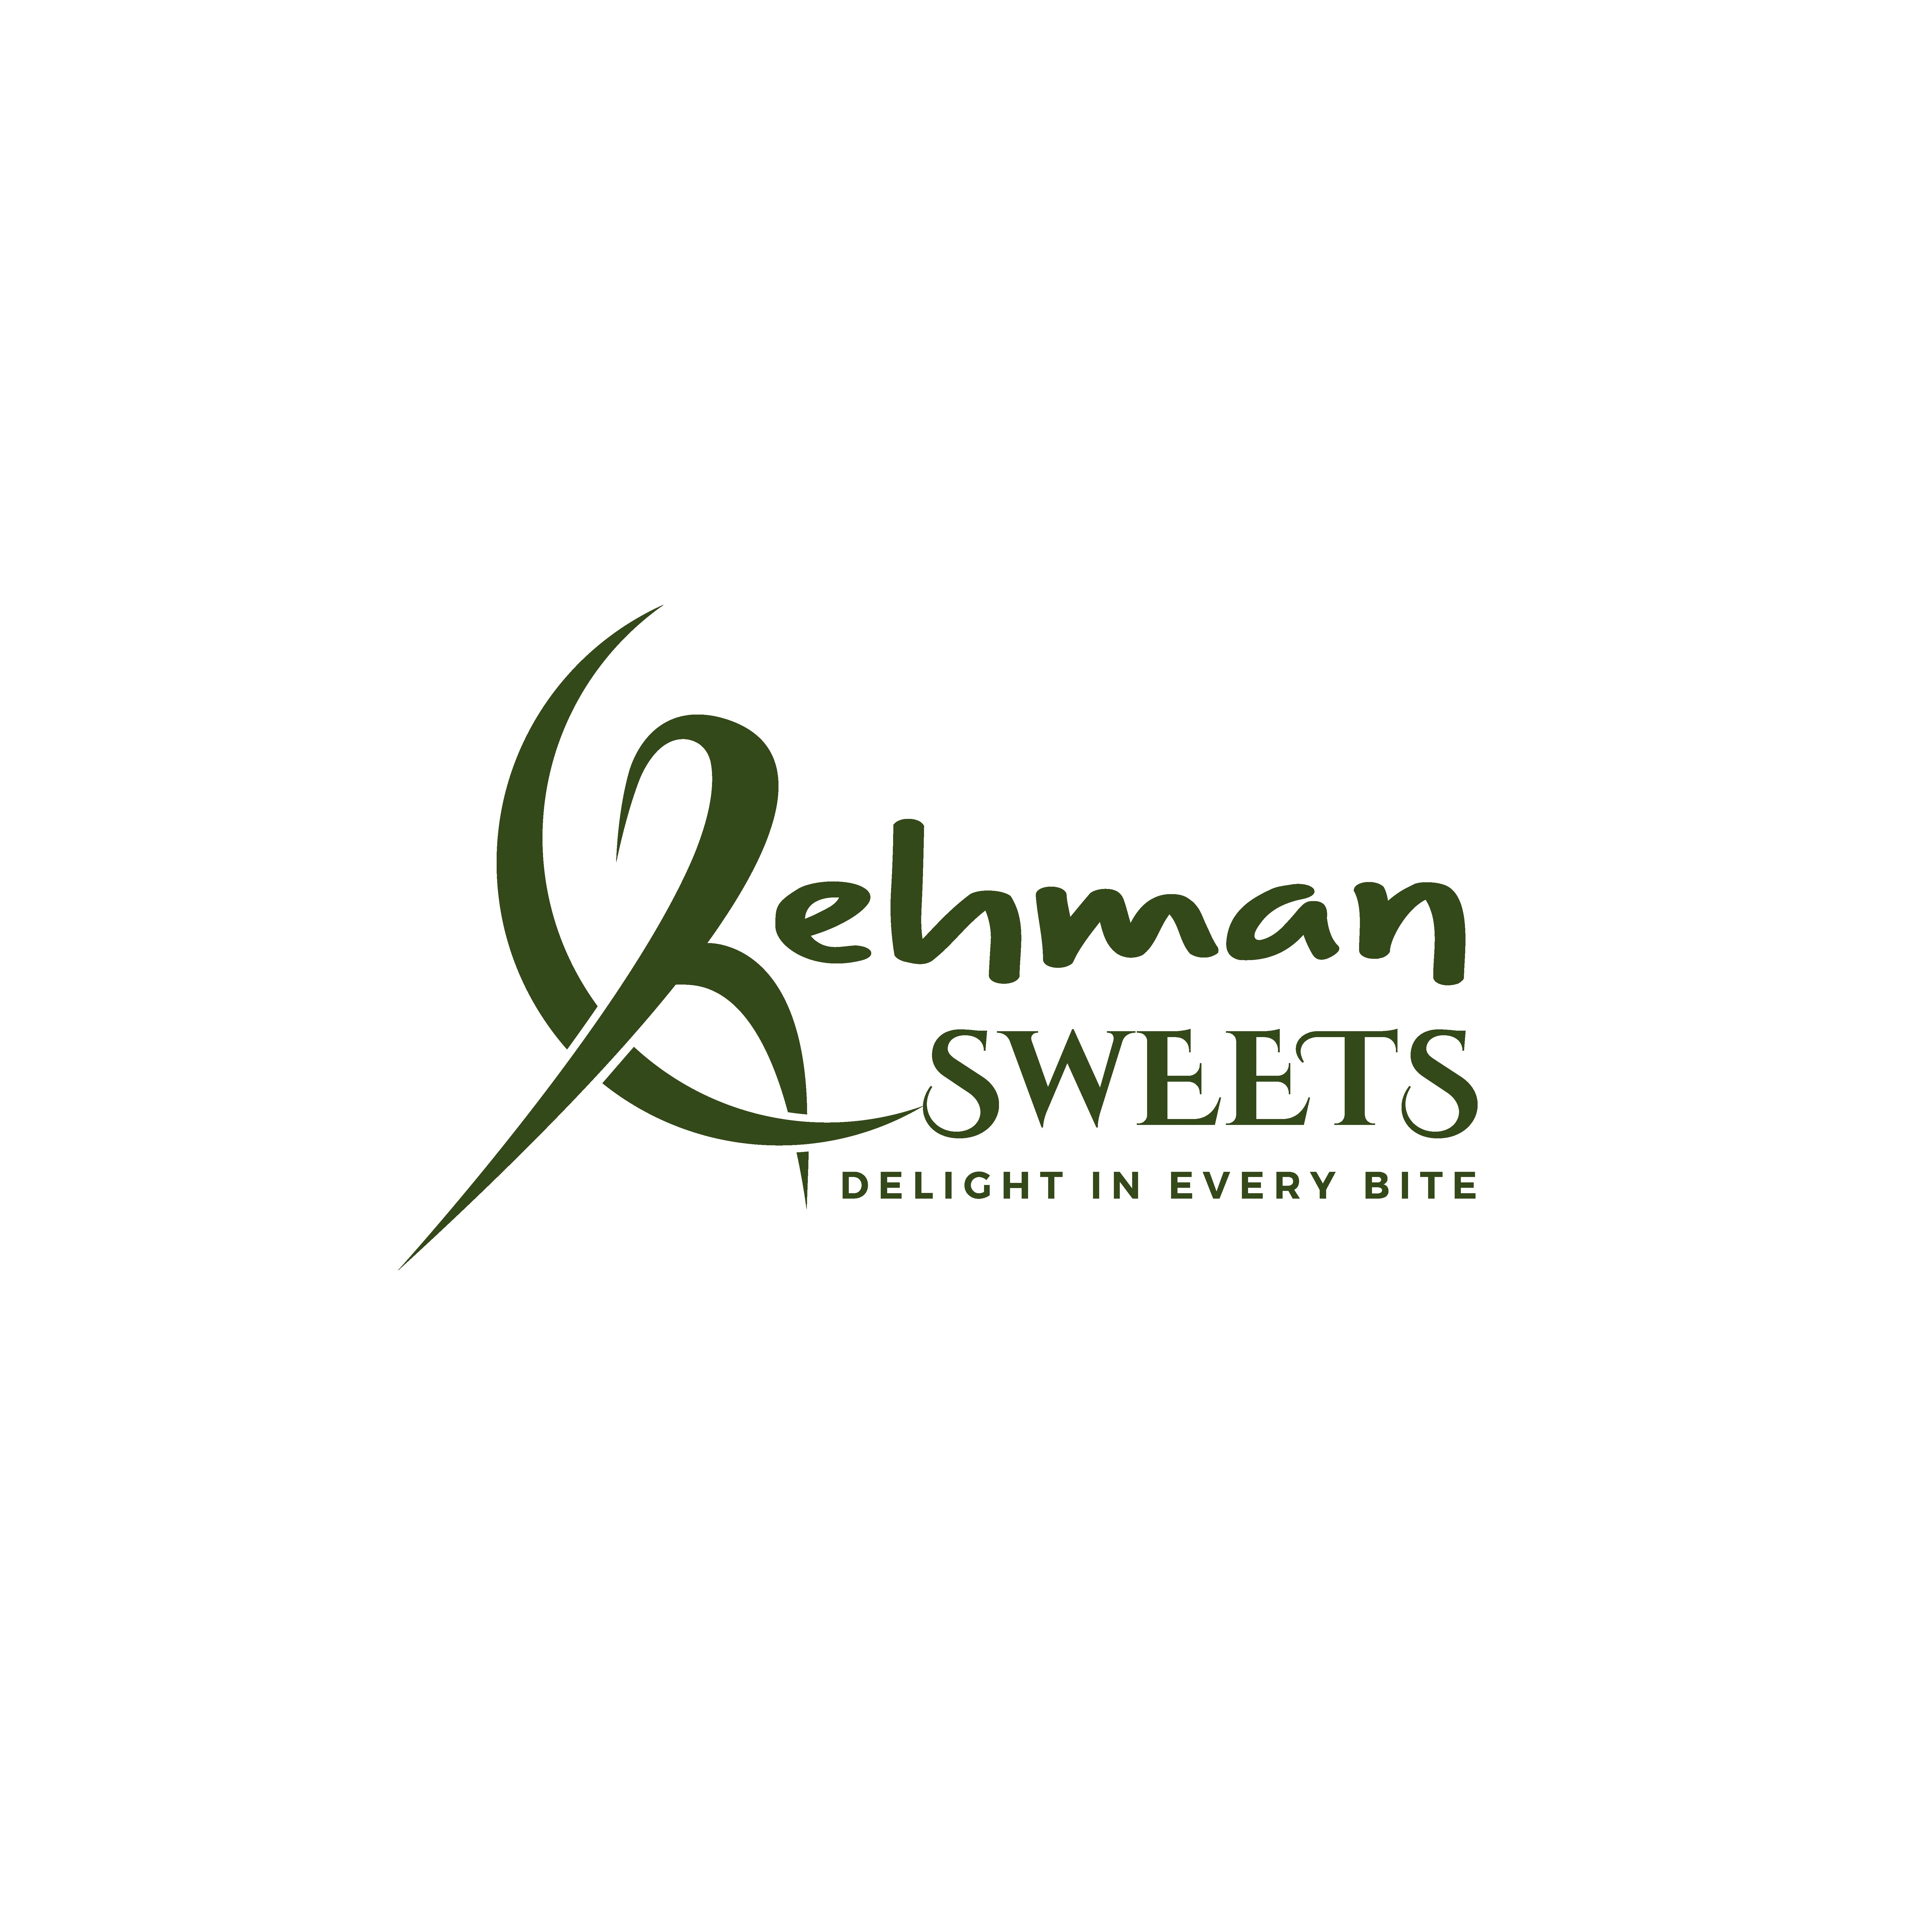 Rehman sweets w